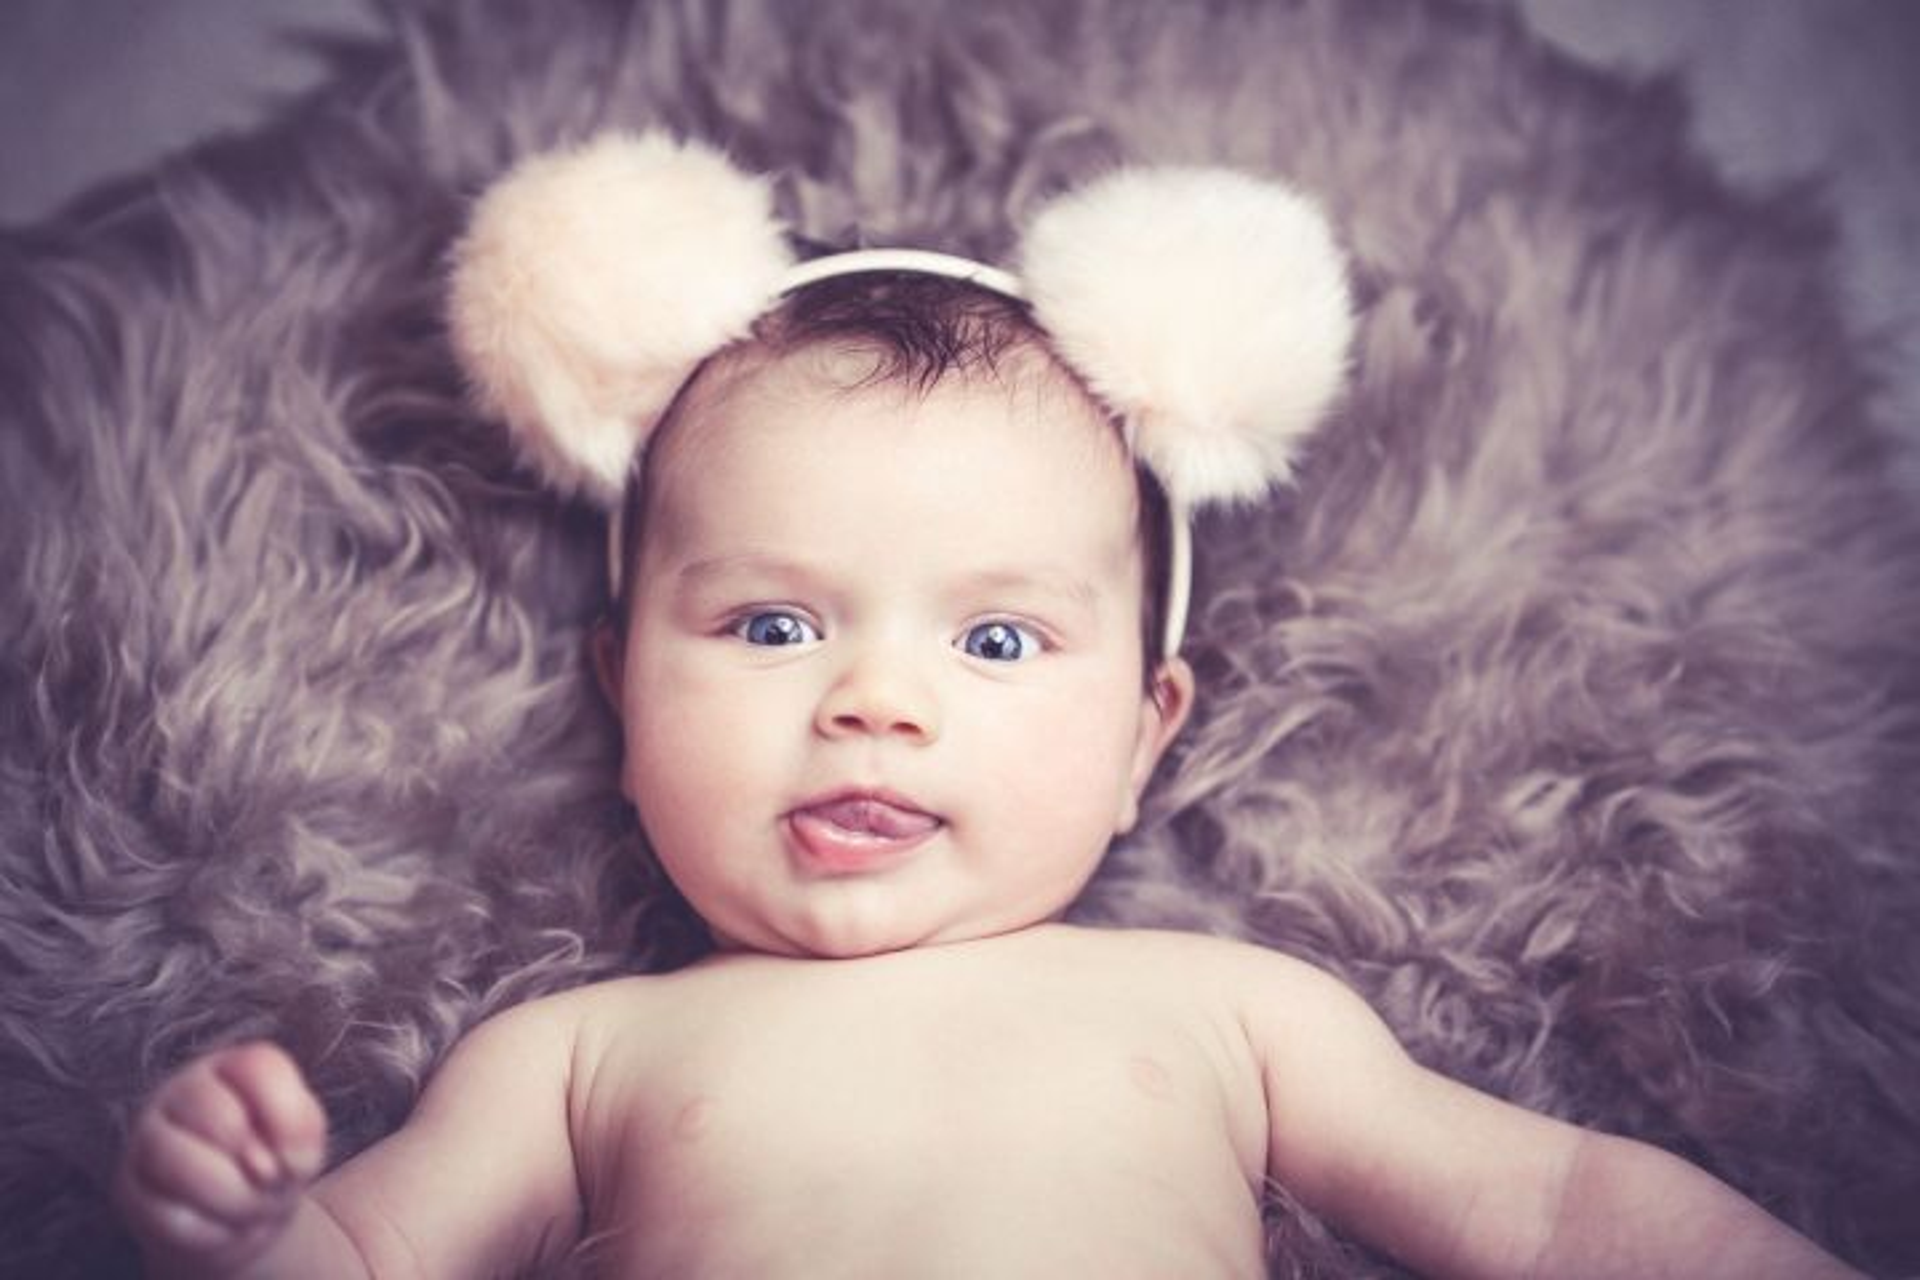 niemowlę przebrane za króliczka